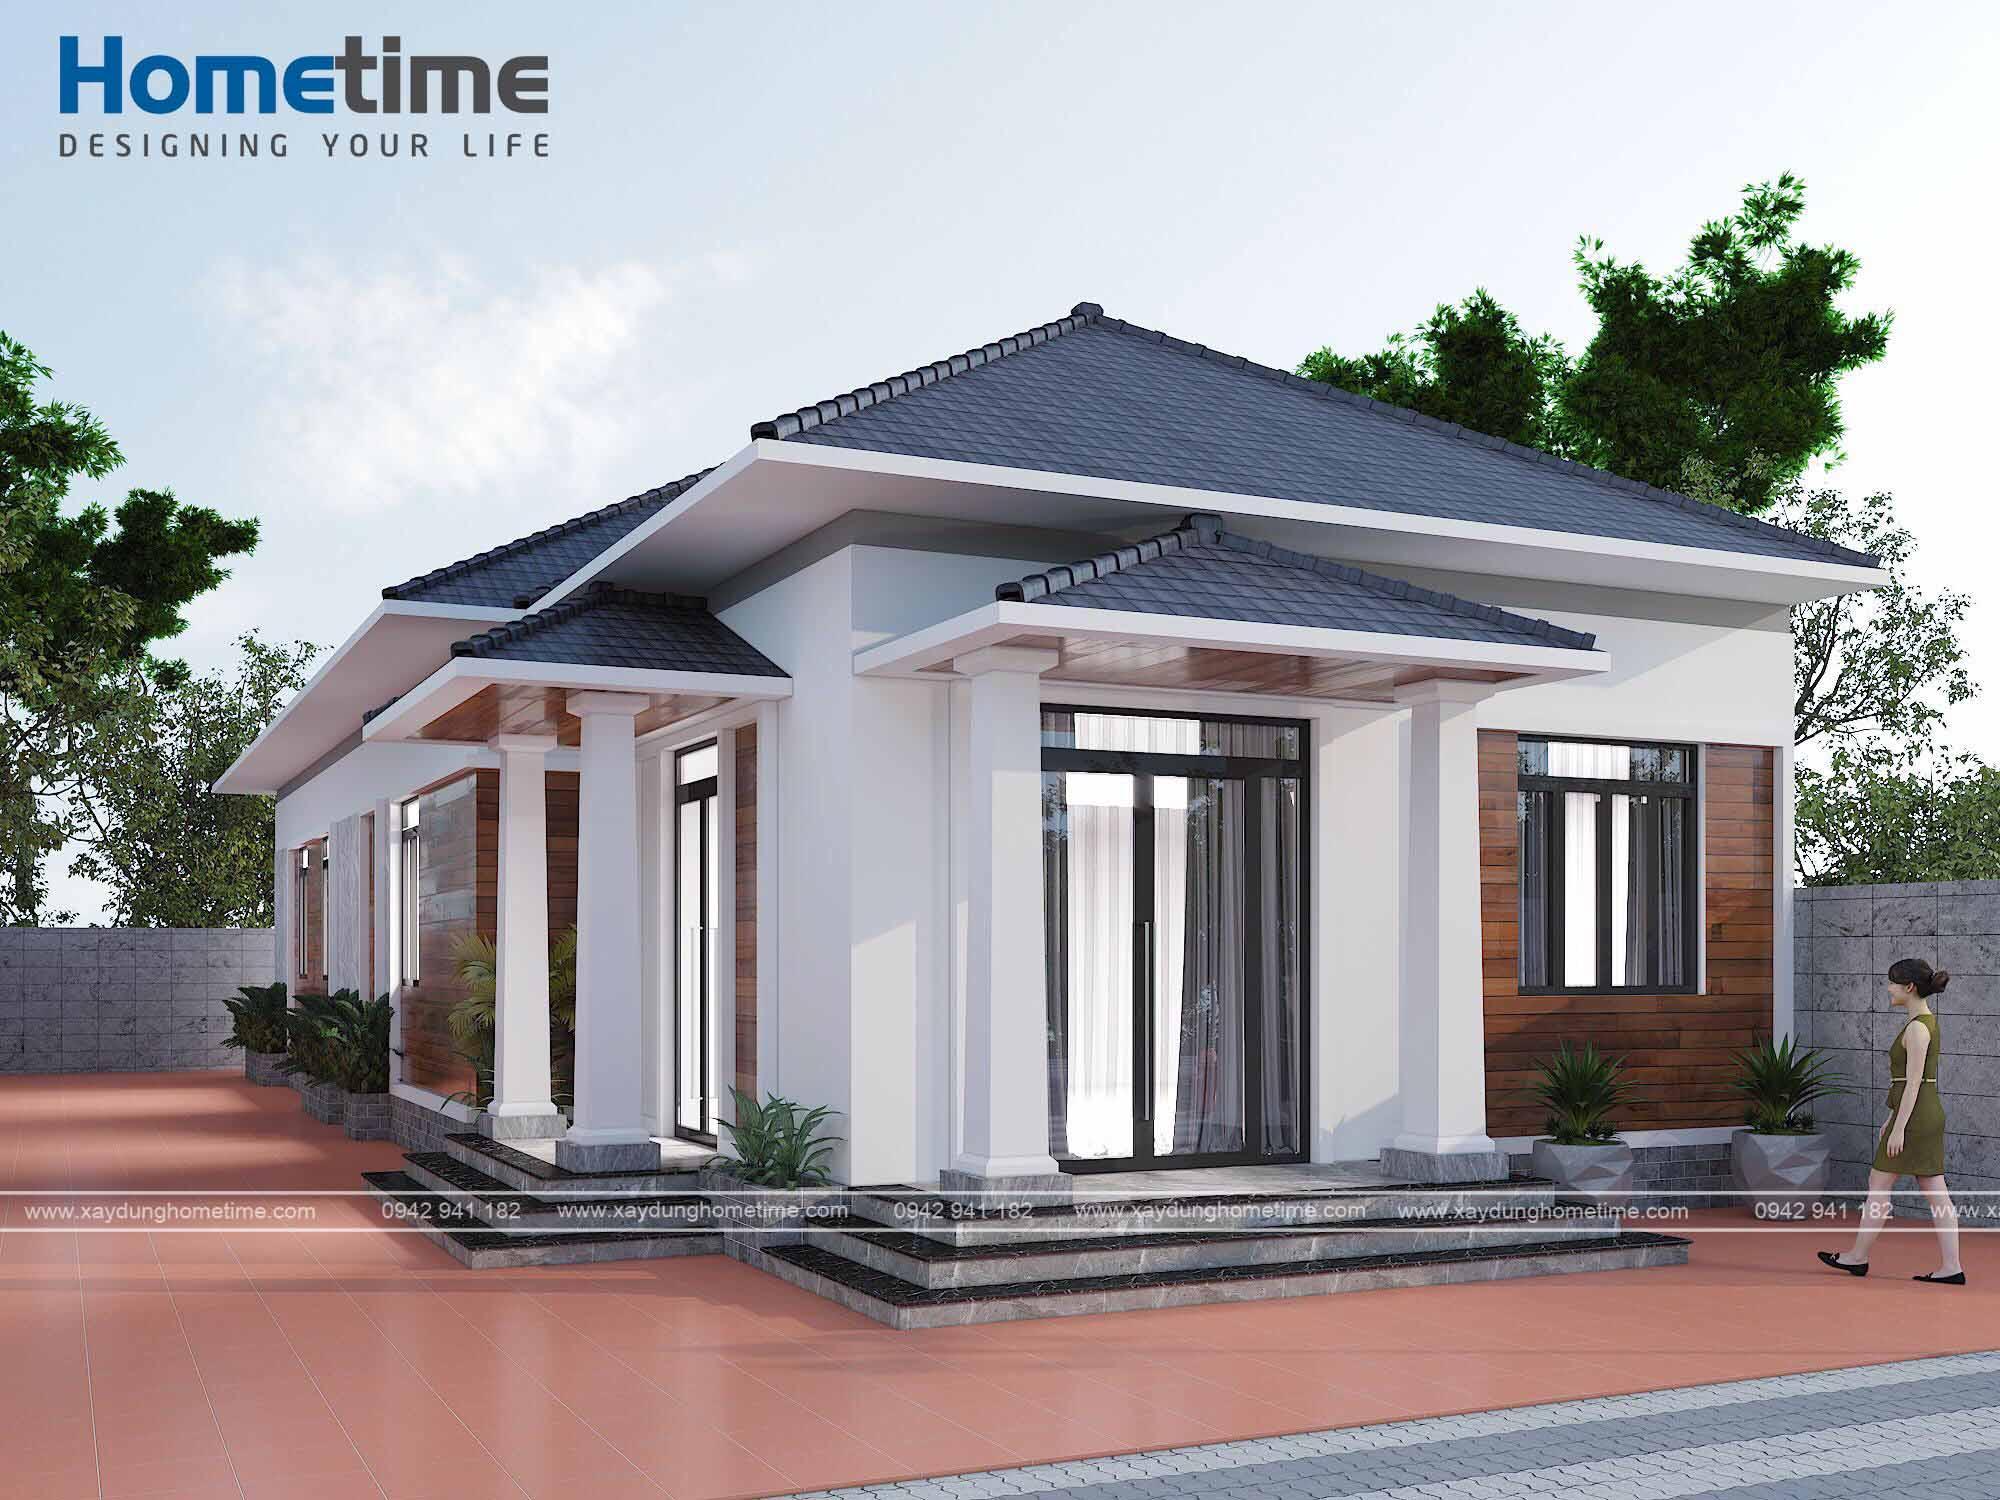 Thiết kế nhà mái thái với gam màu hài hòa dịu nhẹ